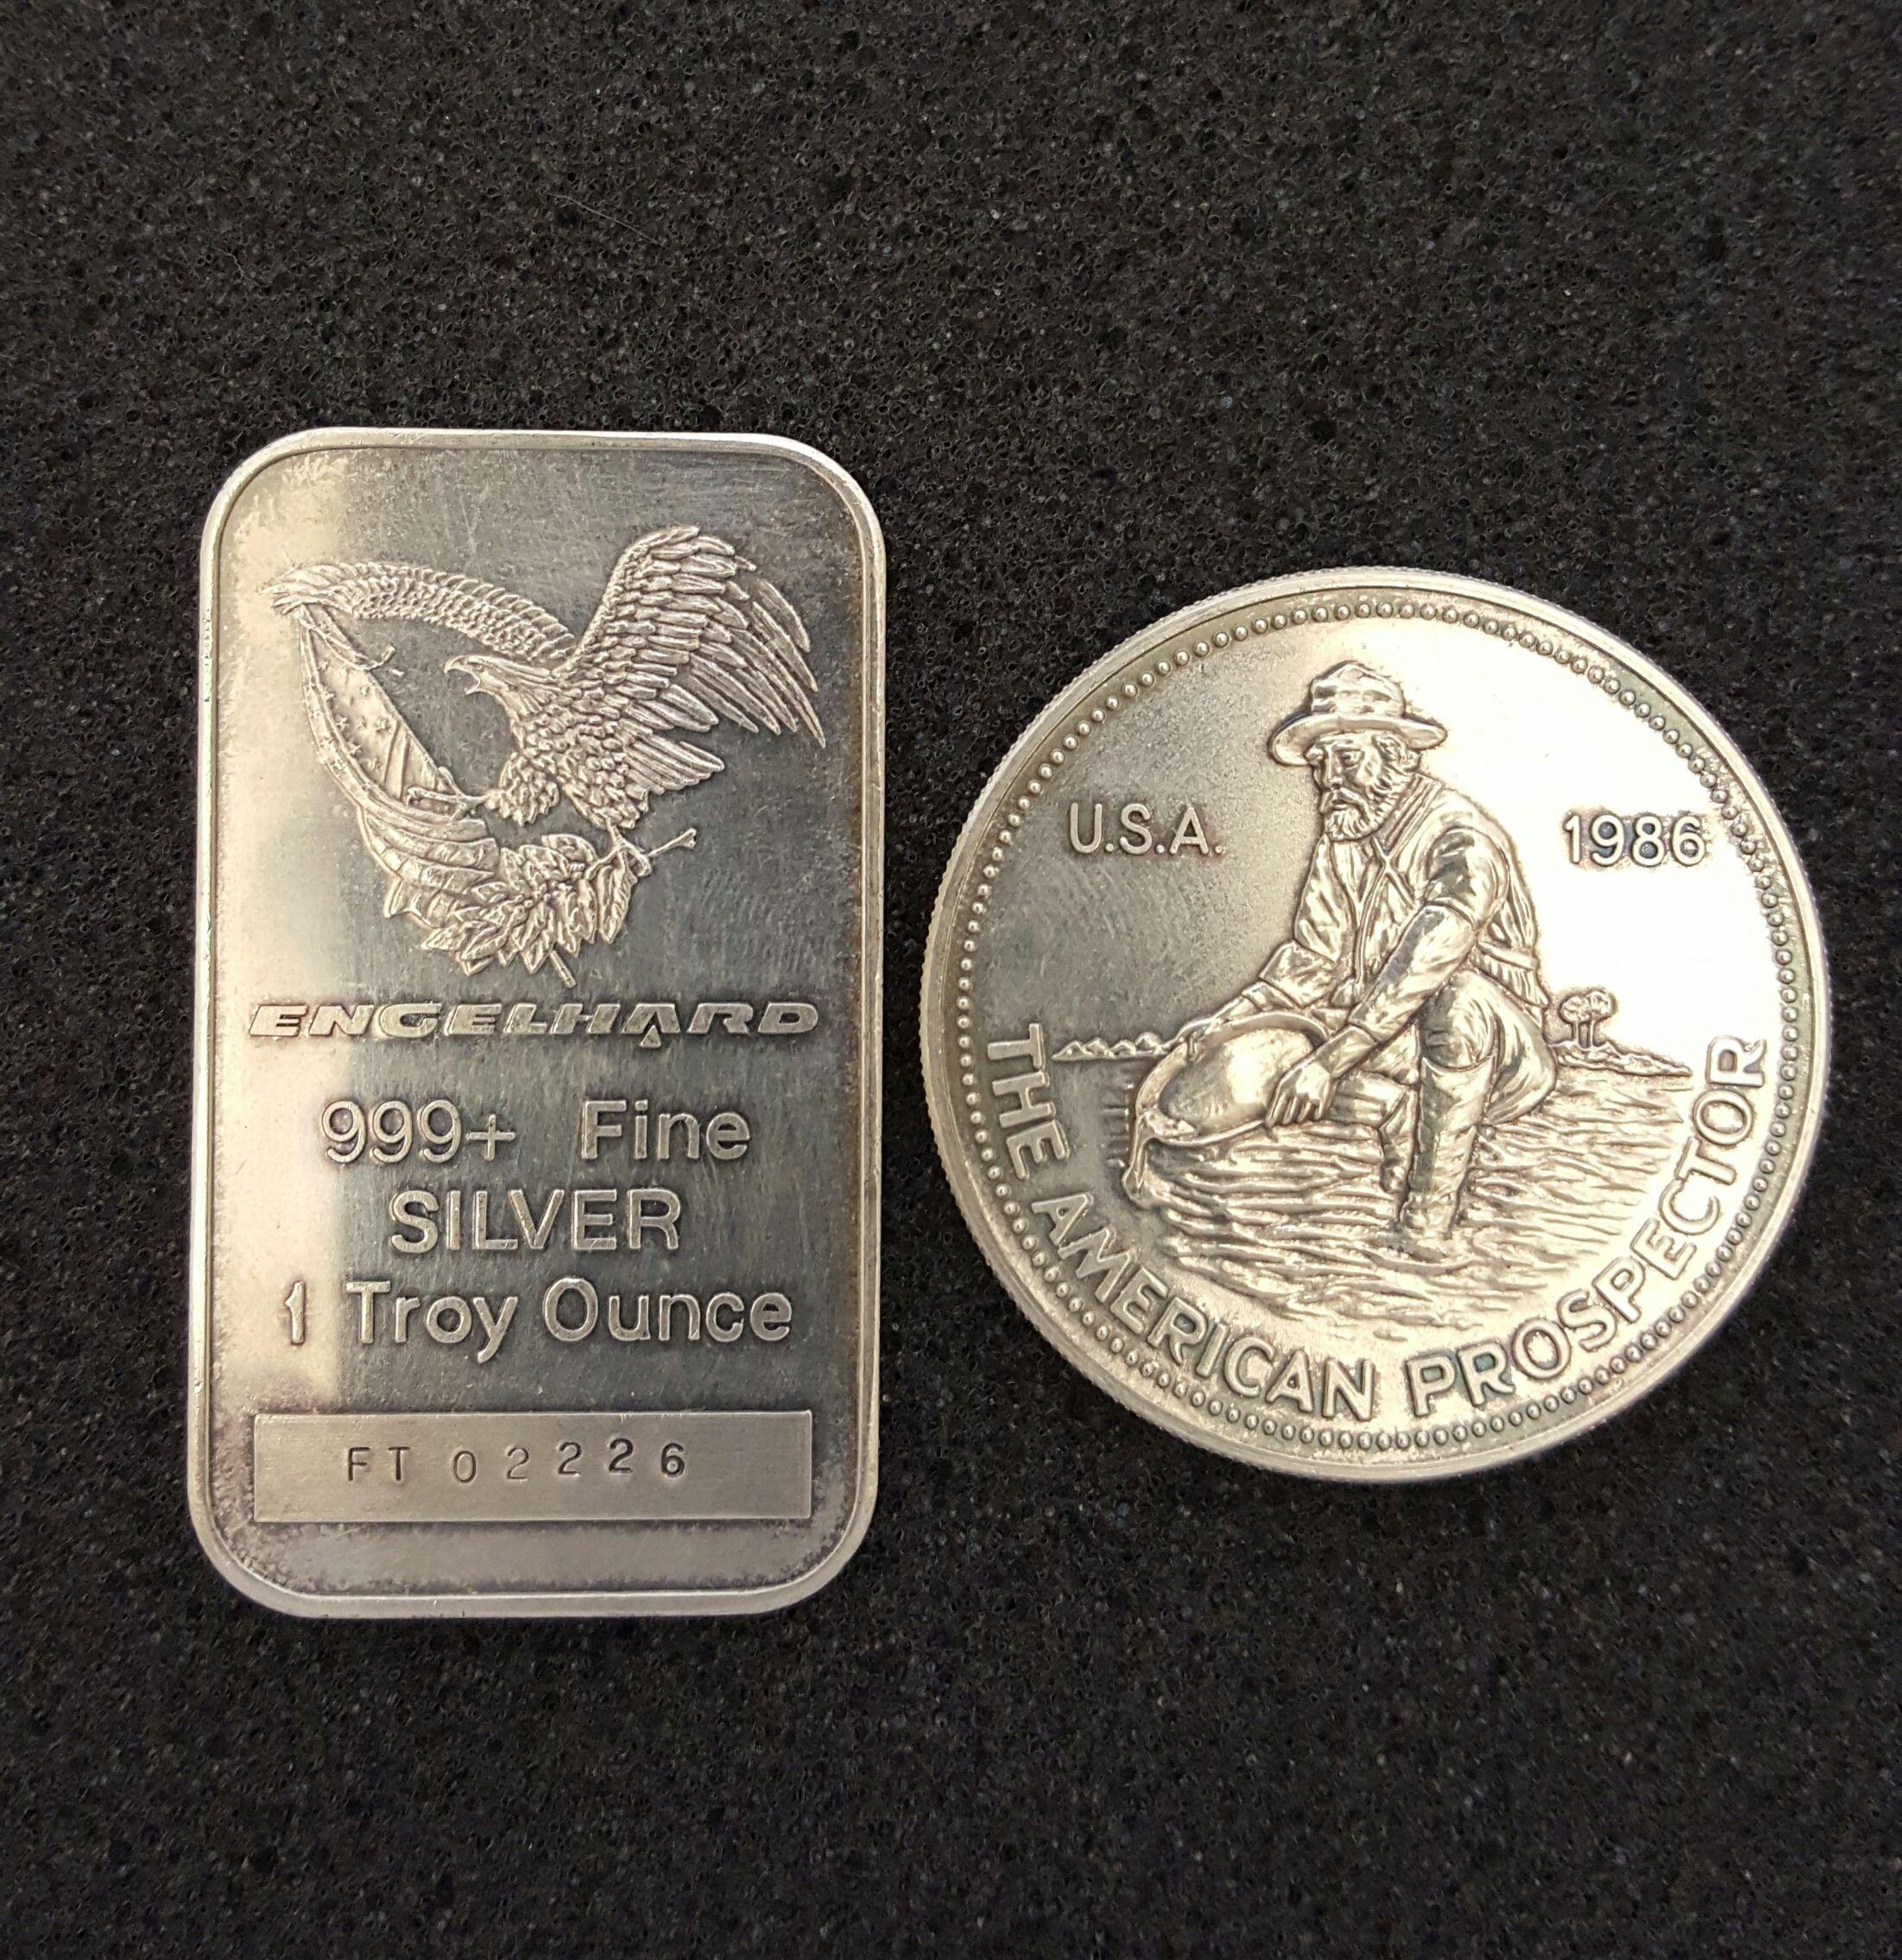 Rare 1986 Silver Engelhard Prospector Coin Eagle Bar 1 Troy Ounce Silver Coins Troy Silver